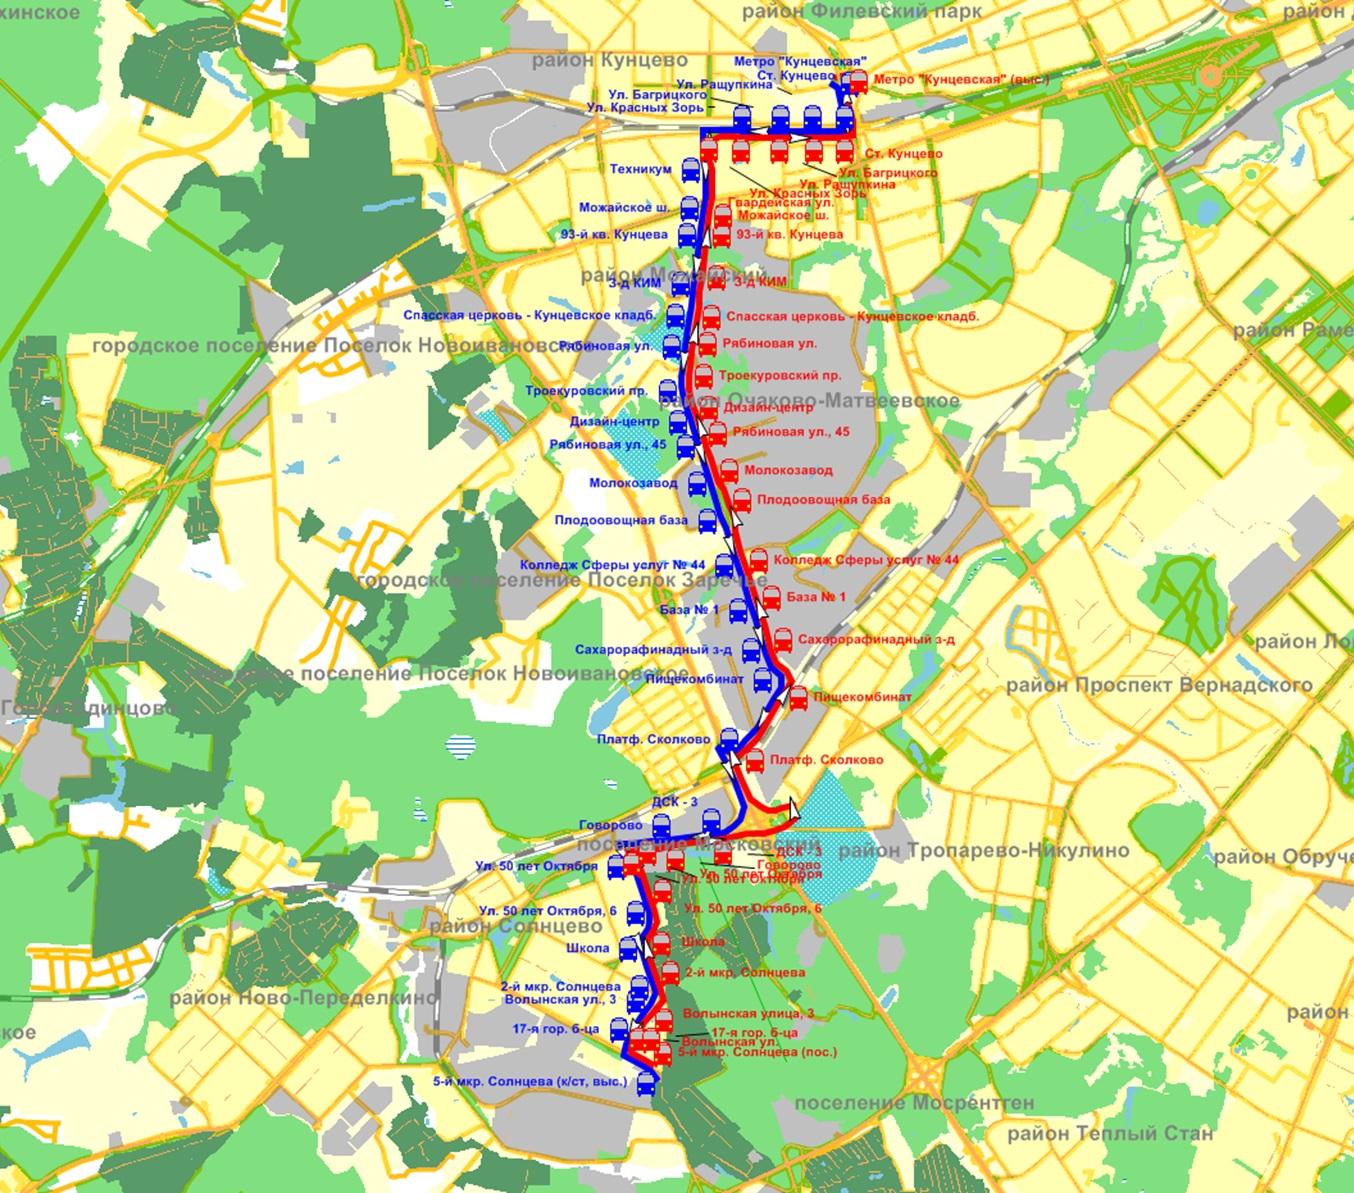 схема маршрута маршрутки 179 москва